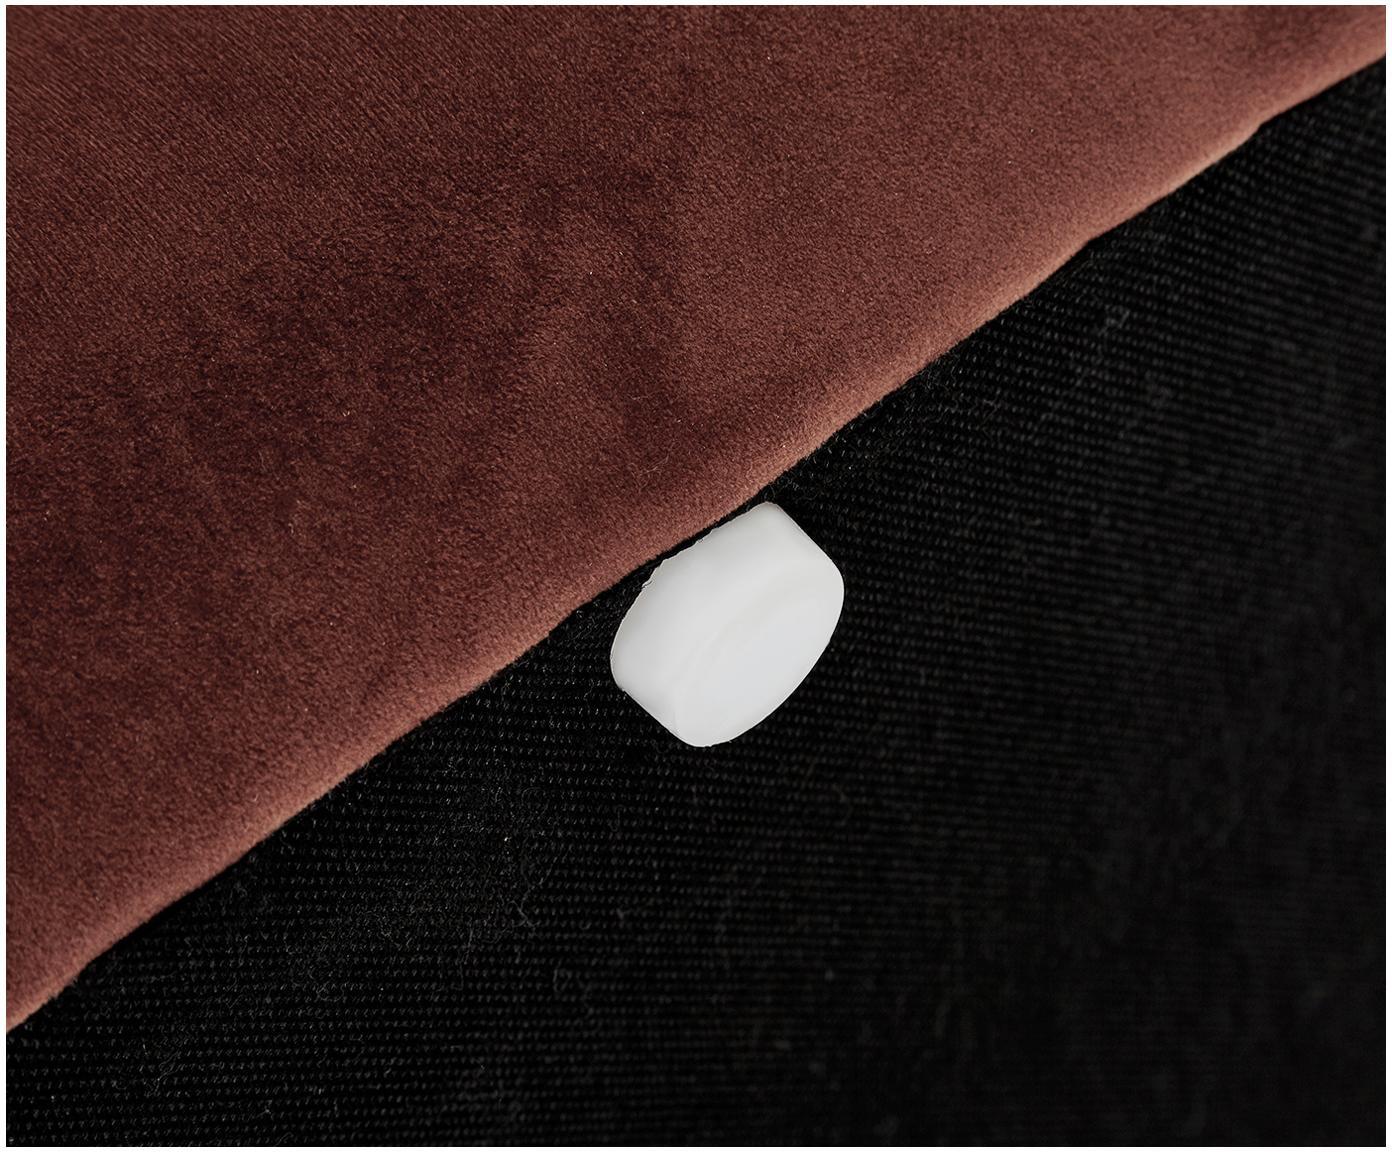 Ławka tapicerowana z aksamitu Alto, Tapicerka: aksamit (poliester) 3000, Stelaż: lite drewno sosnowe, skle, Brązowy, S 110 x W 48 cm